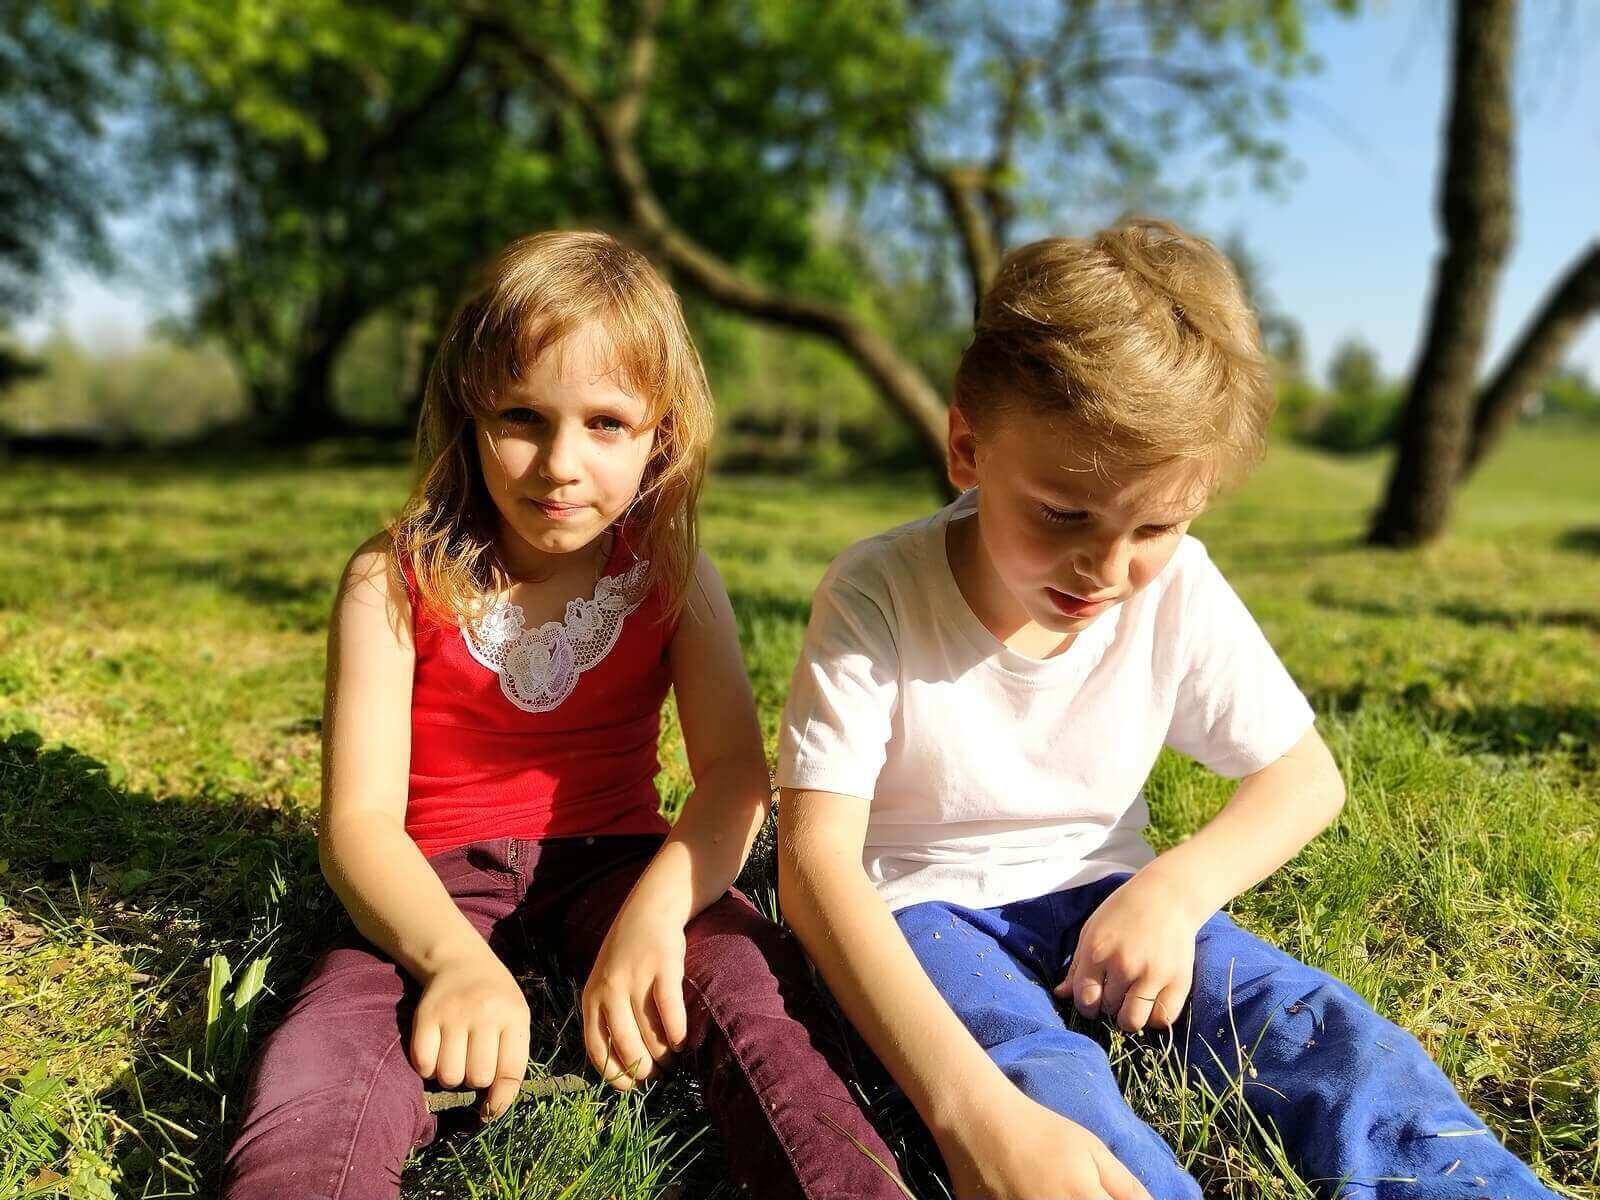 Lapsen sosiaalista kehitystä selittävät teoriat pyrkivät selvittämään, miten sosiaalinen vuorovaikutus vaikuttaa lapsen eri kehitysalueisiin